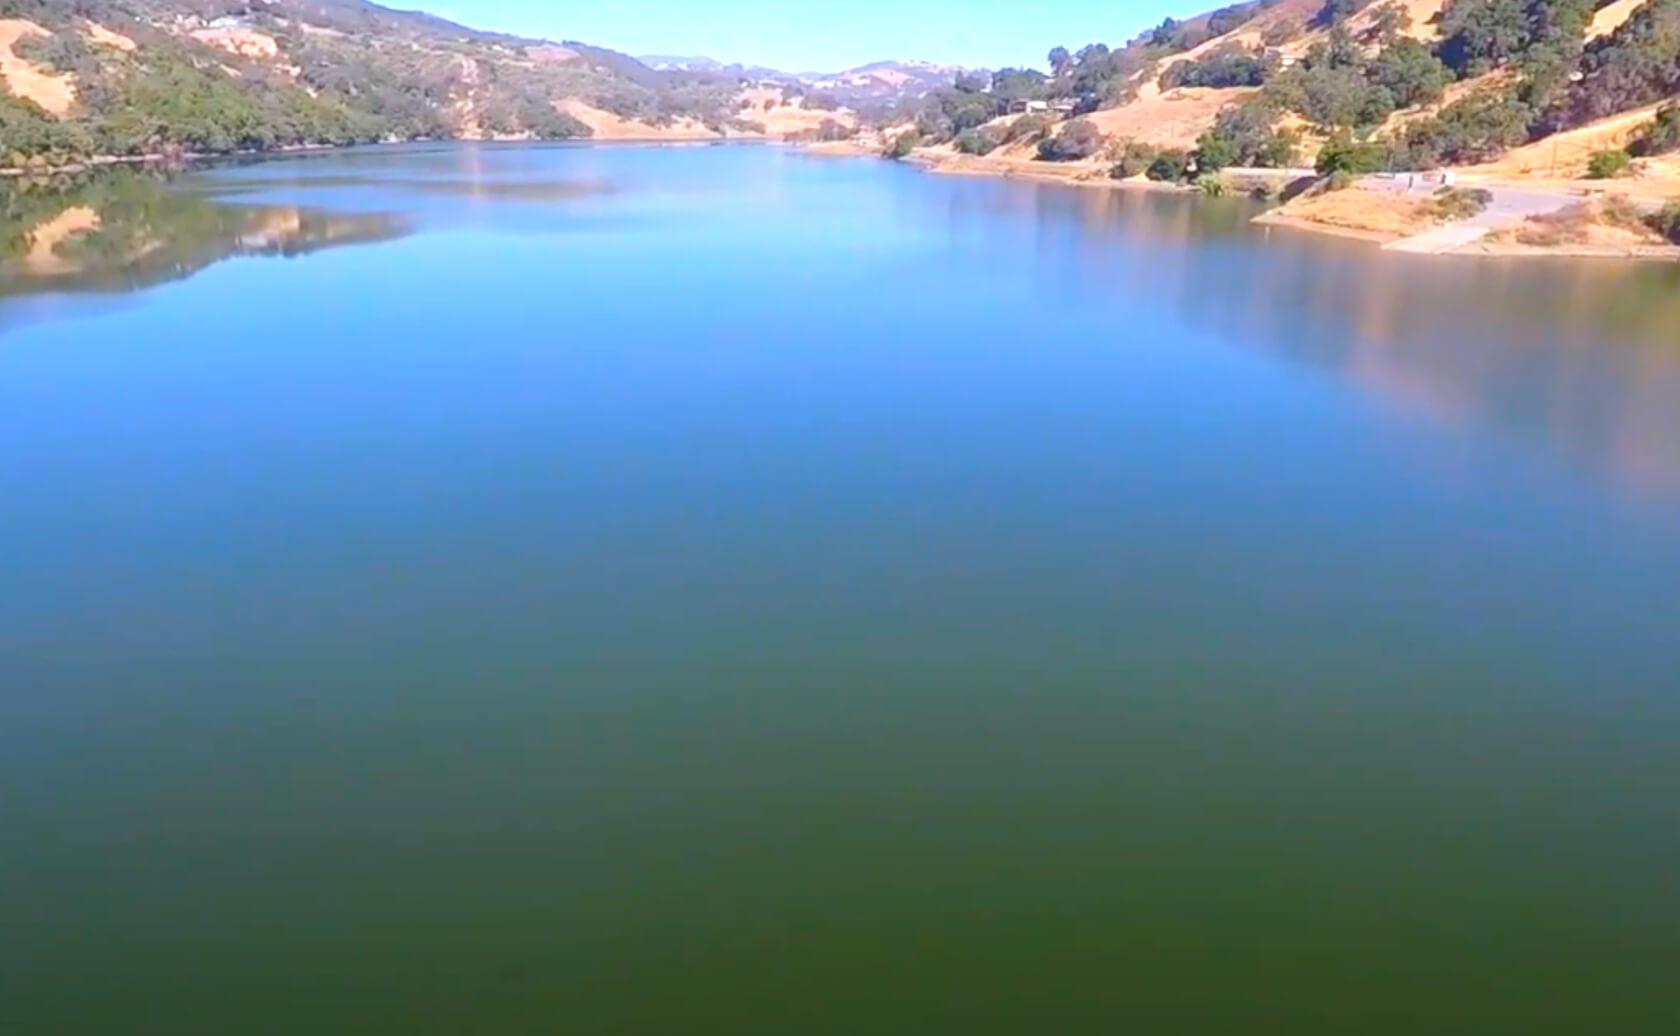 Chesbro-Reservoir-Lake-Fishing-Guide-Report-San-Jose-CA-03